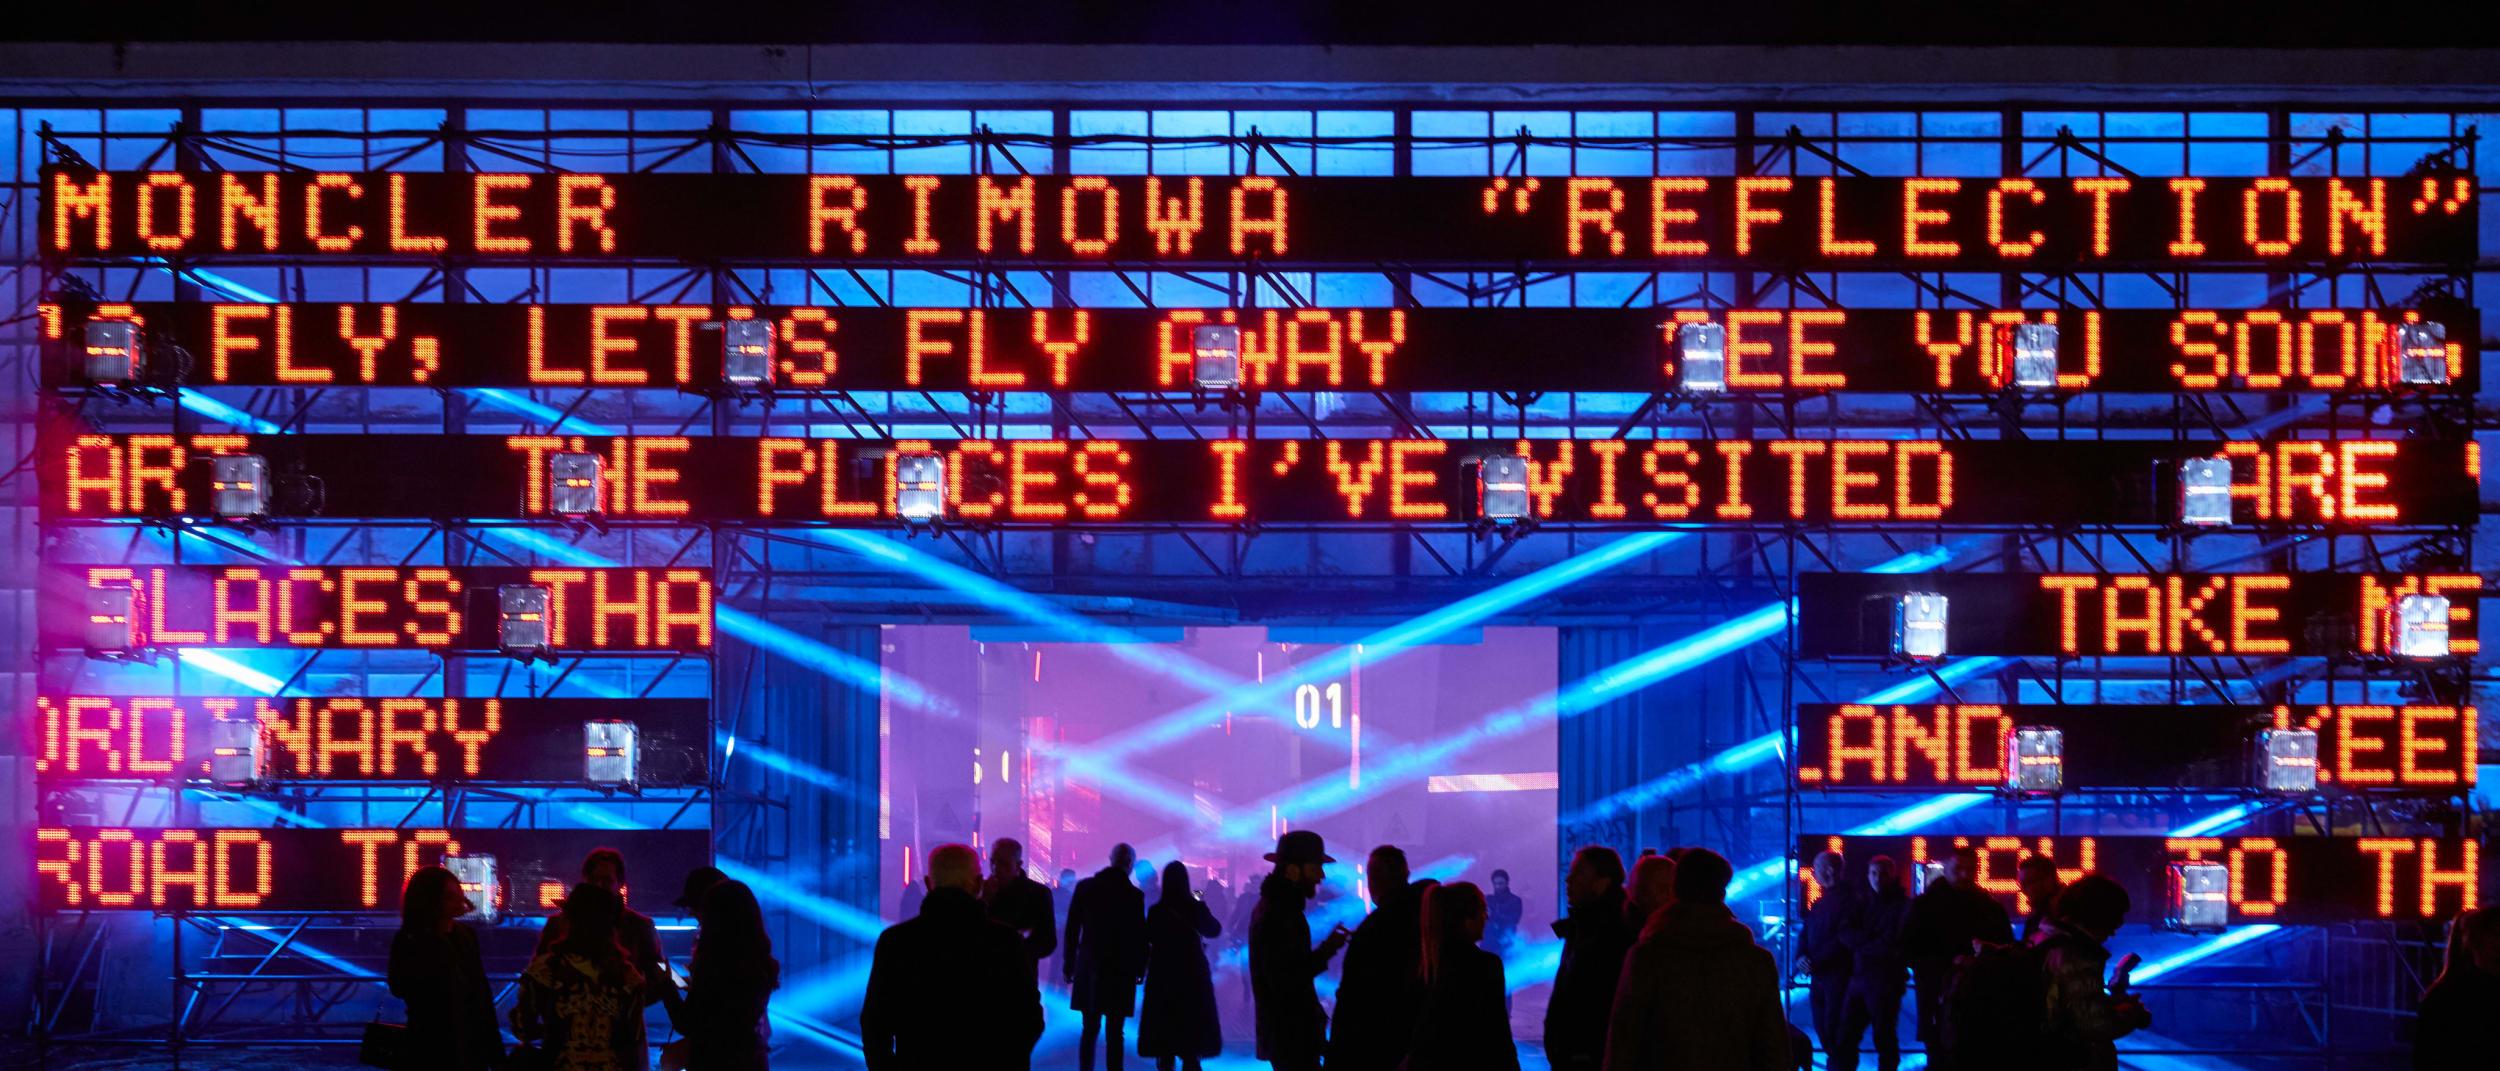 Moncler & RIMOWA: Reflection